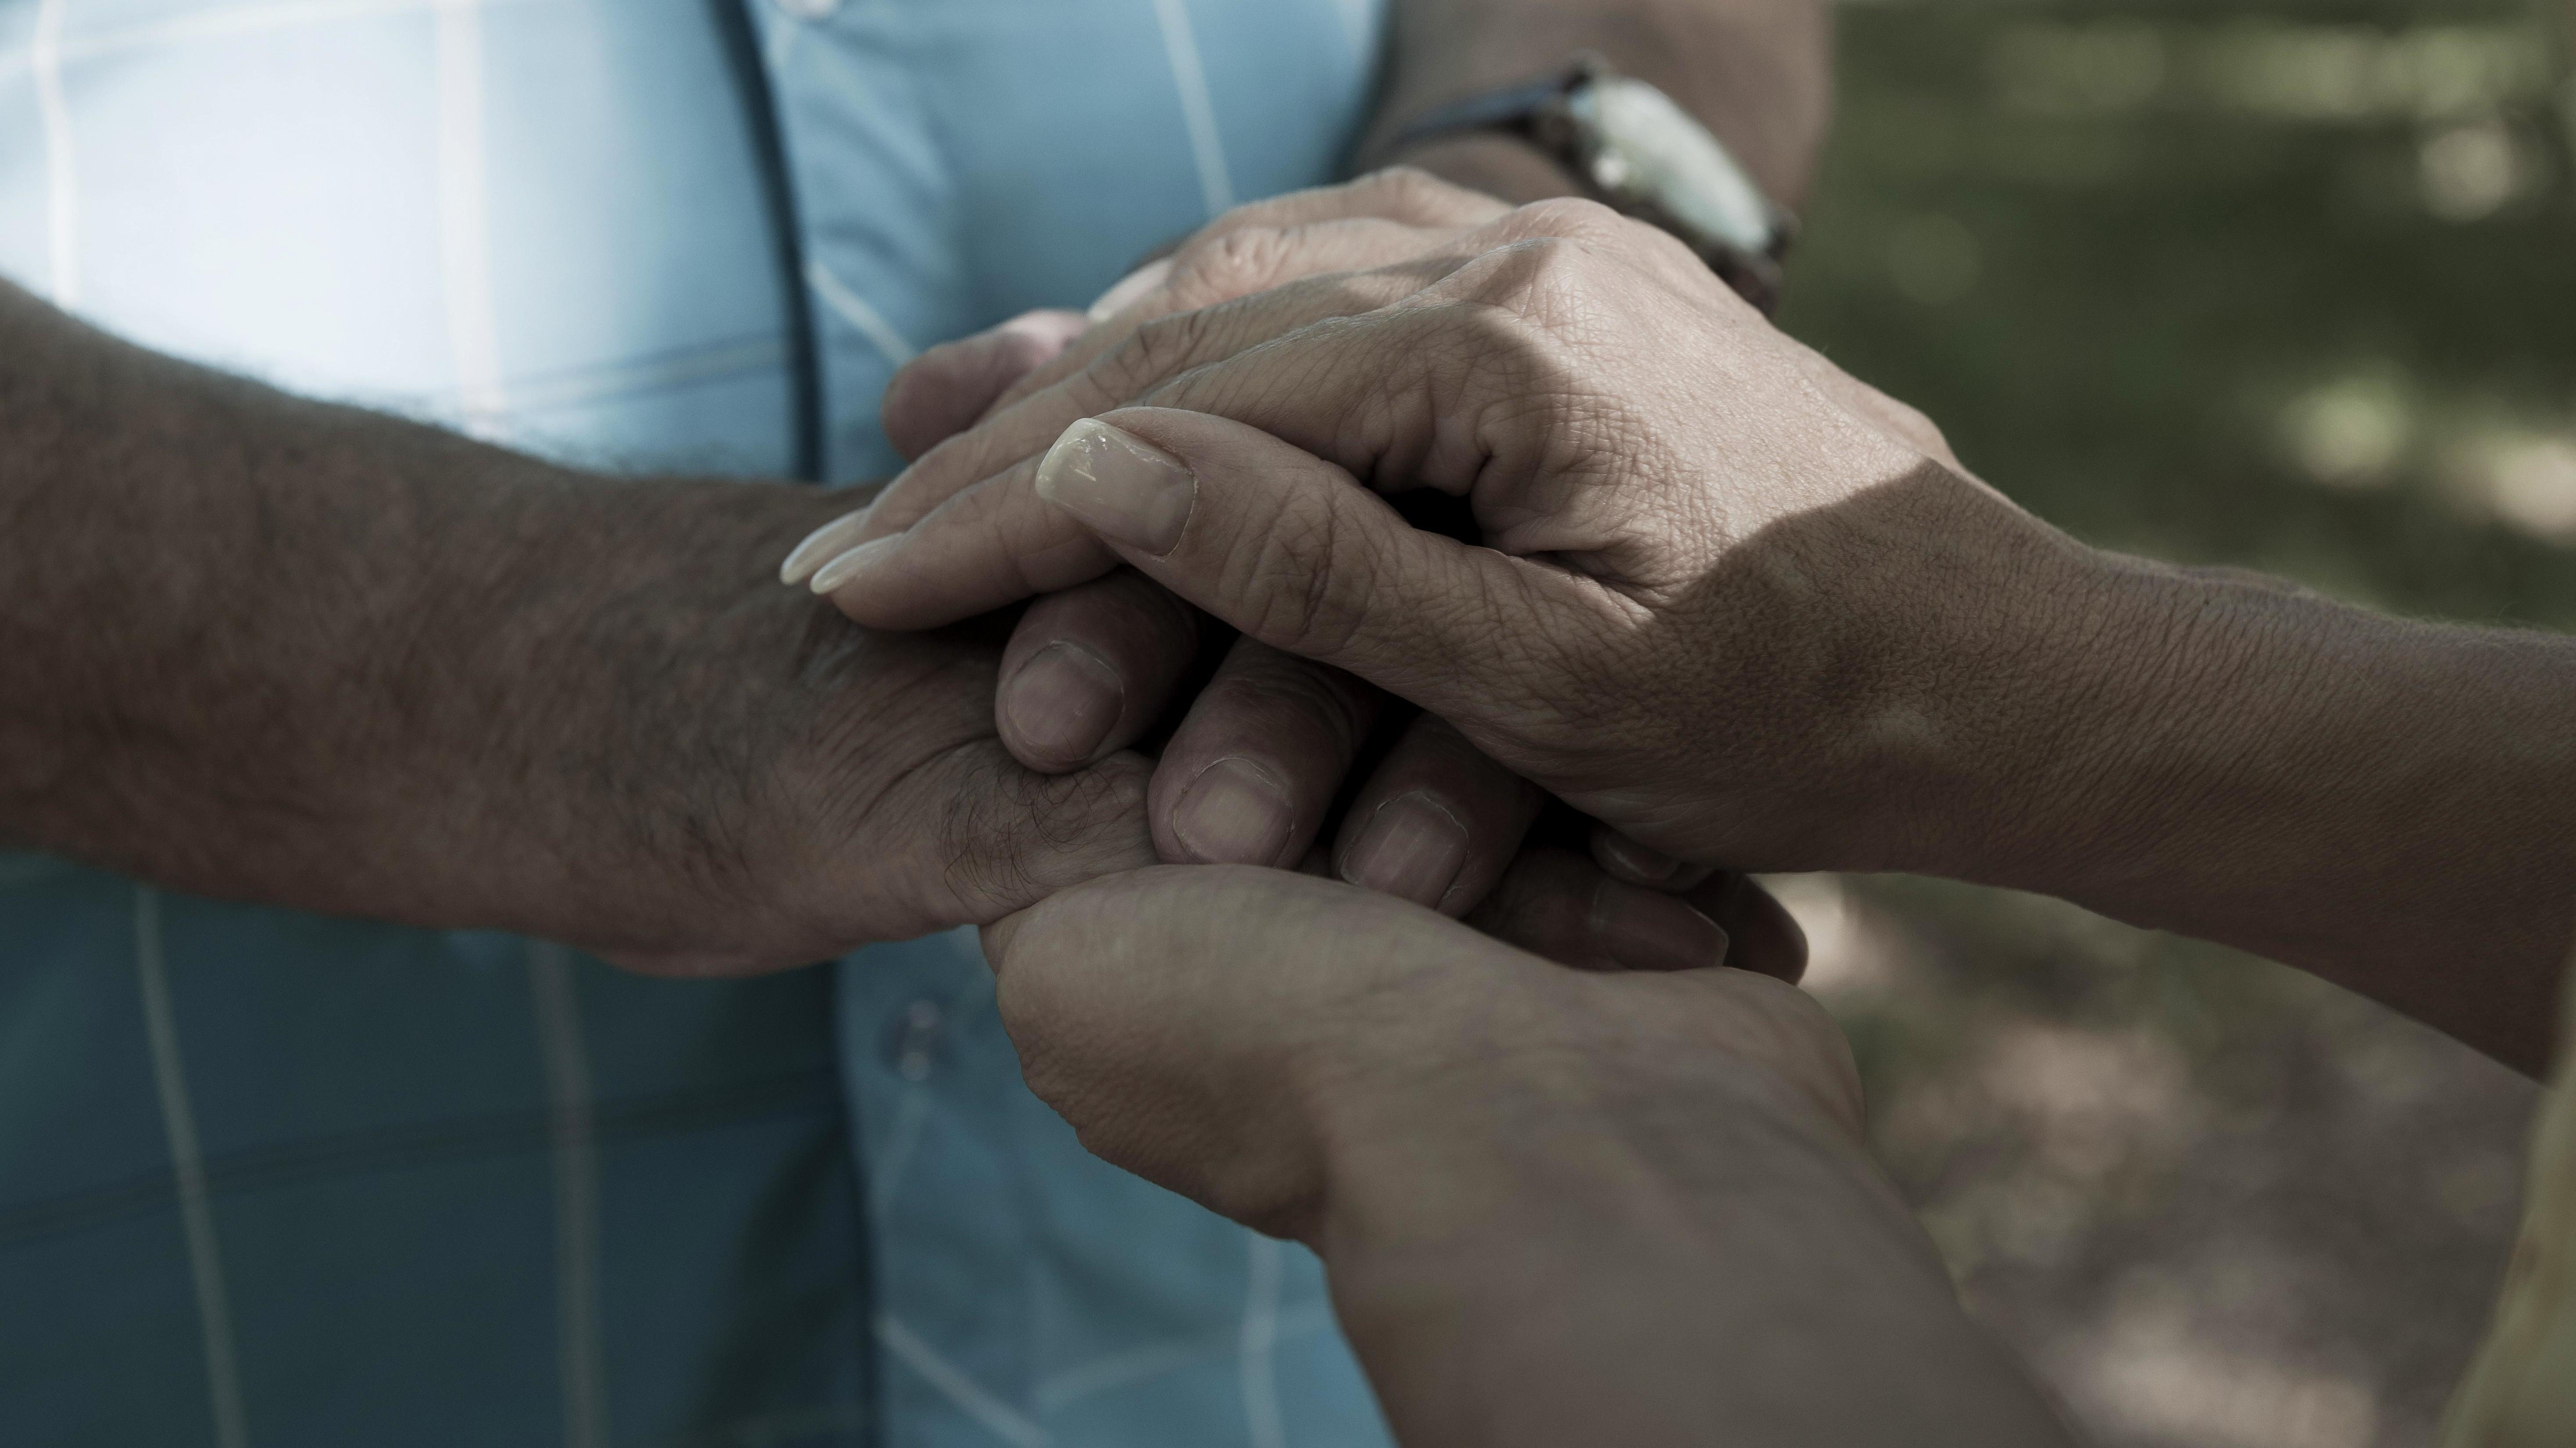 Mann und Frau legen ihre Hände aufeinander